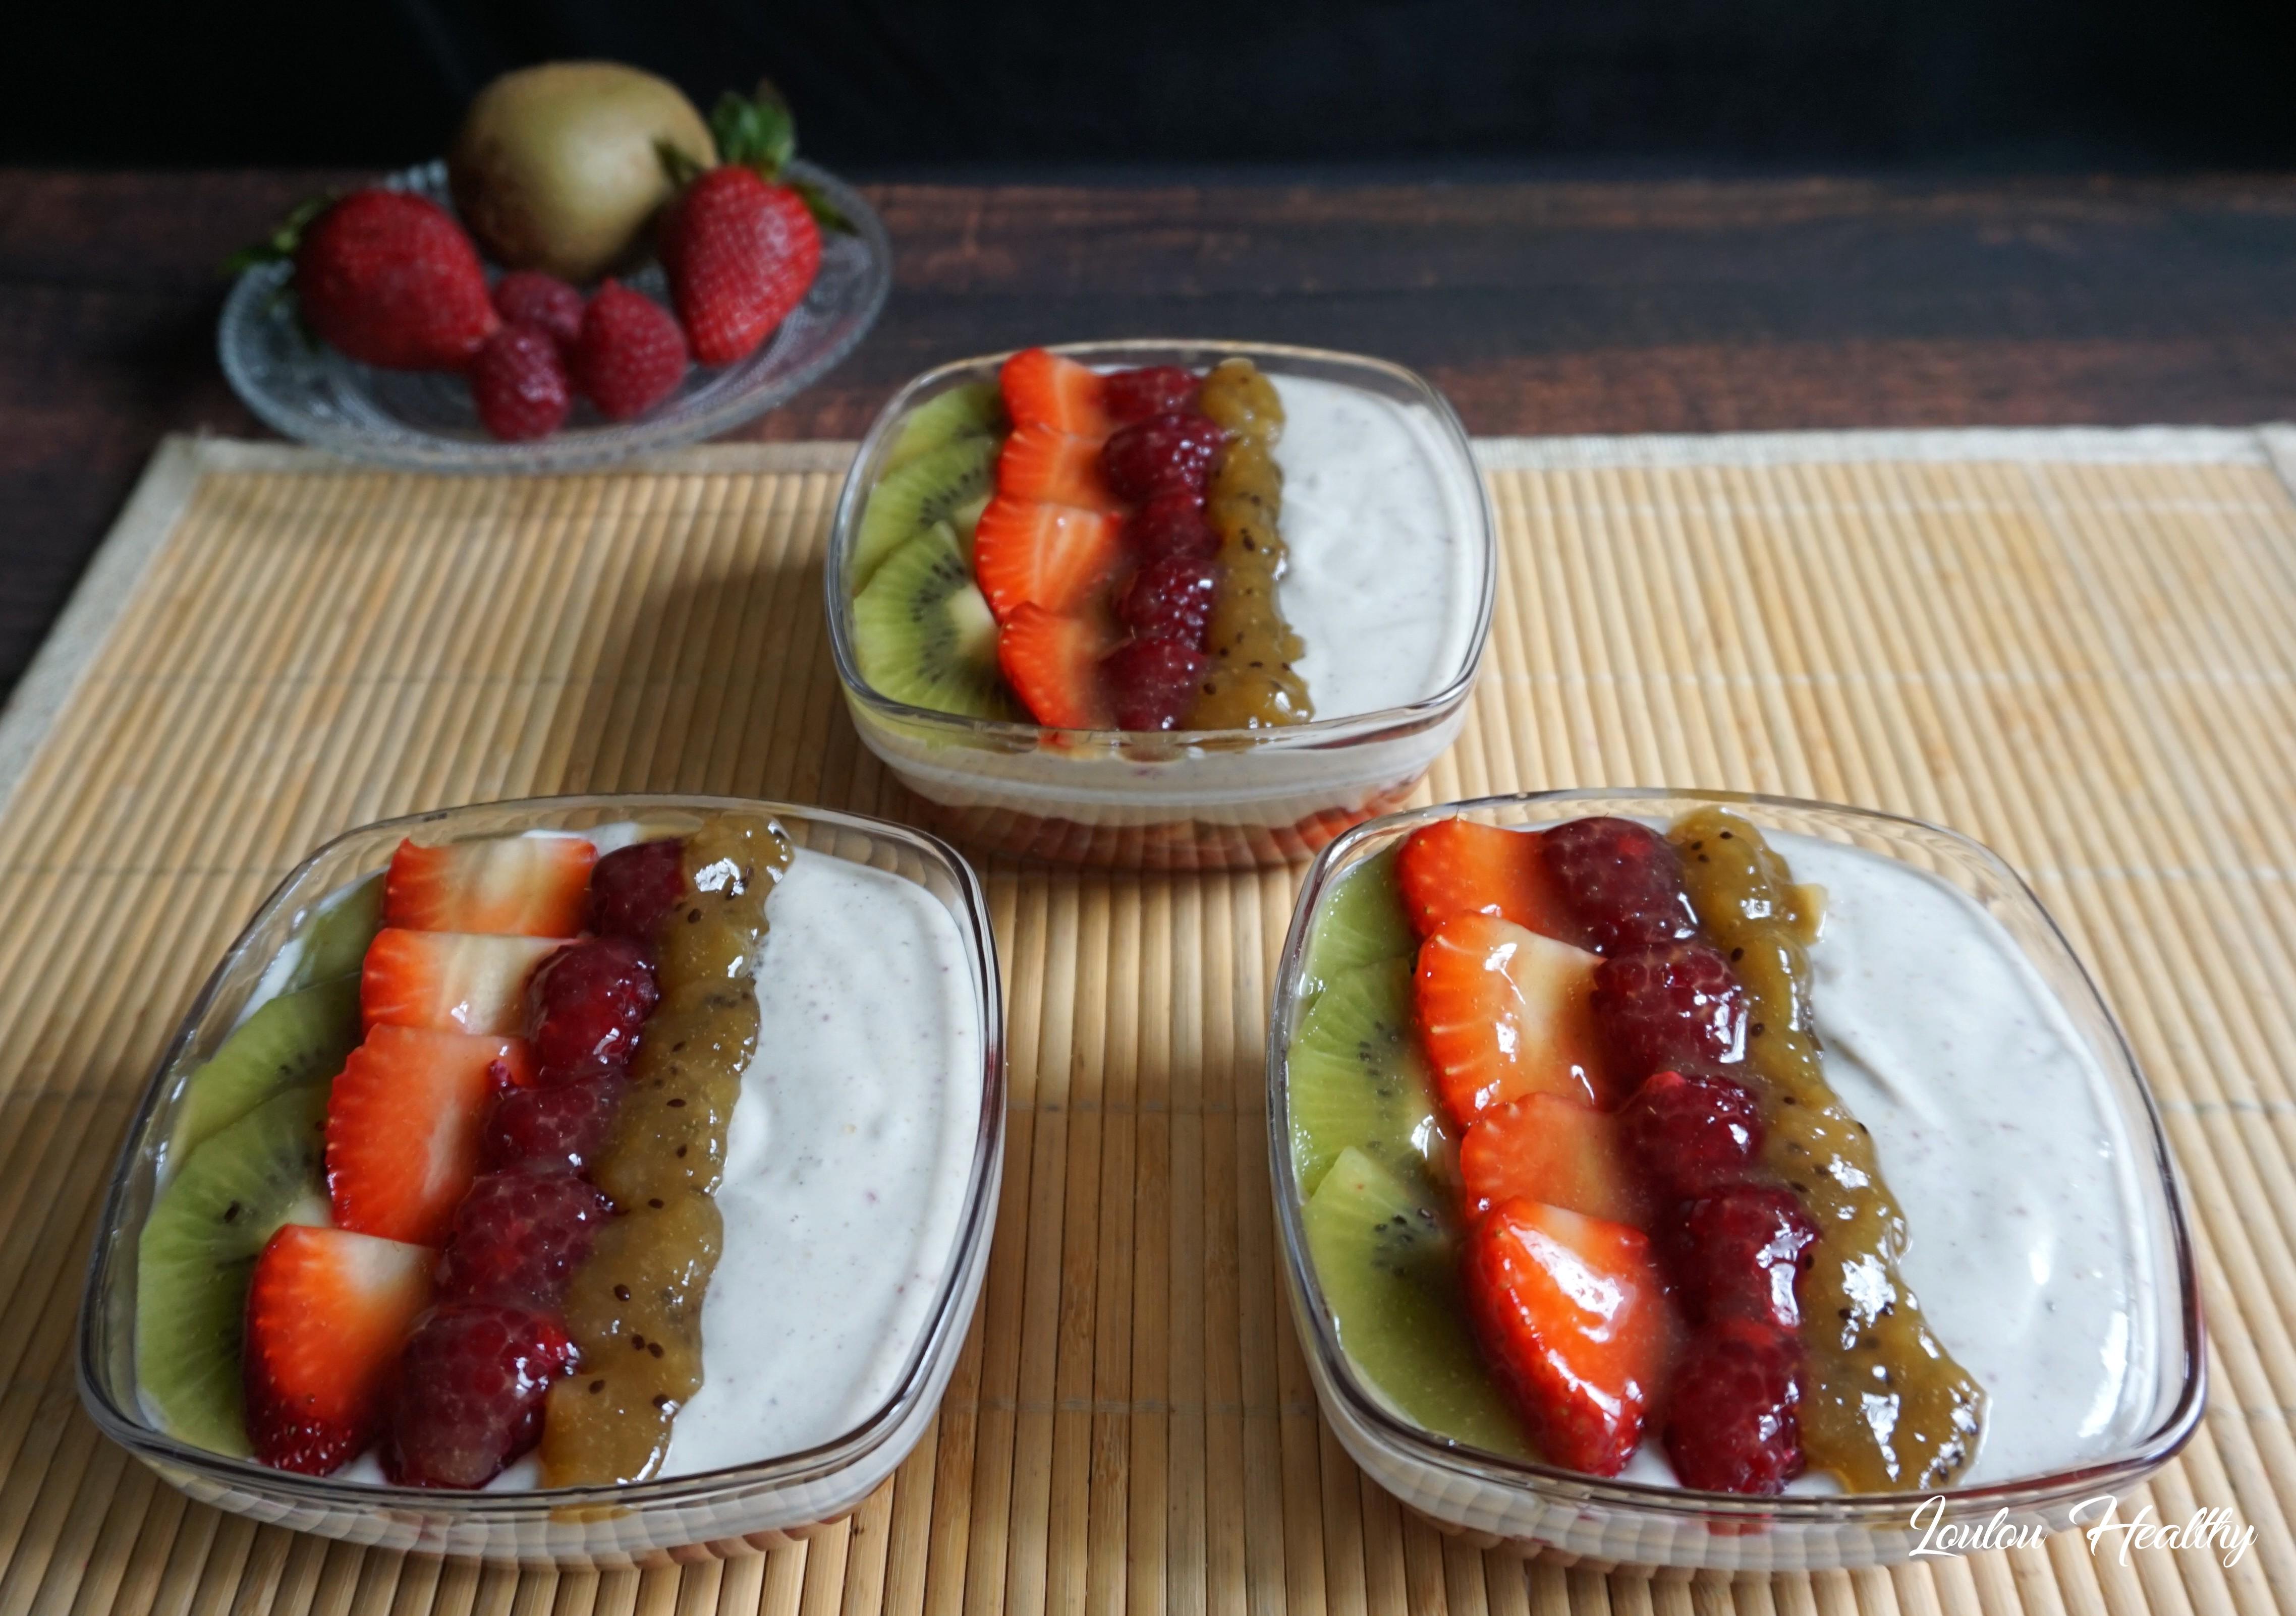 coupes aux fruits rouges, kiwis et crème à l'amande4